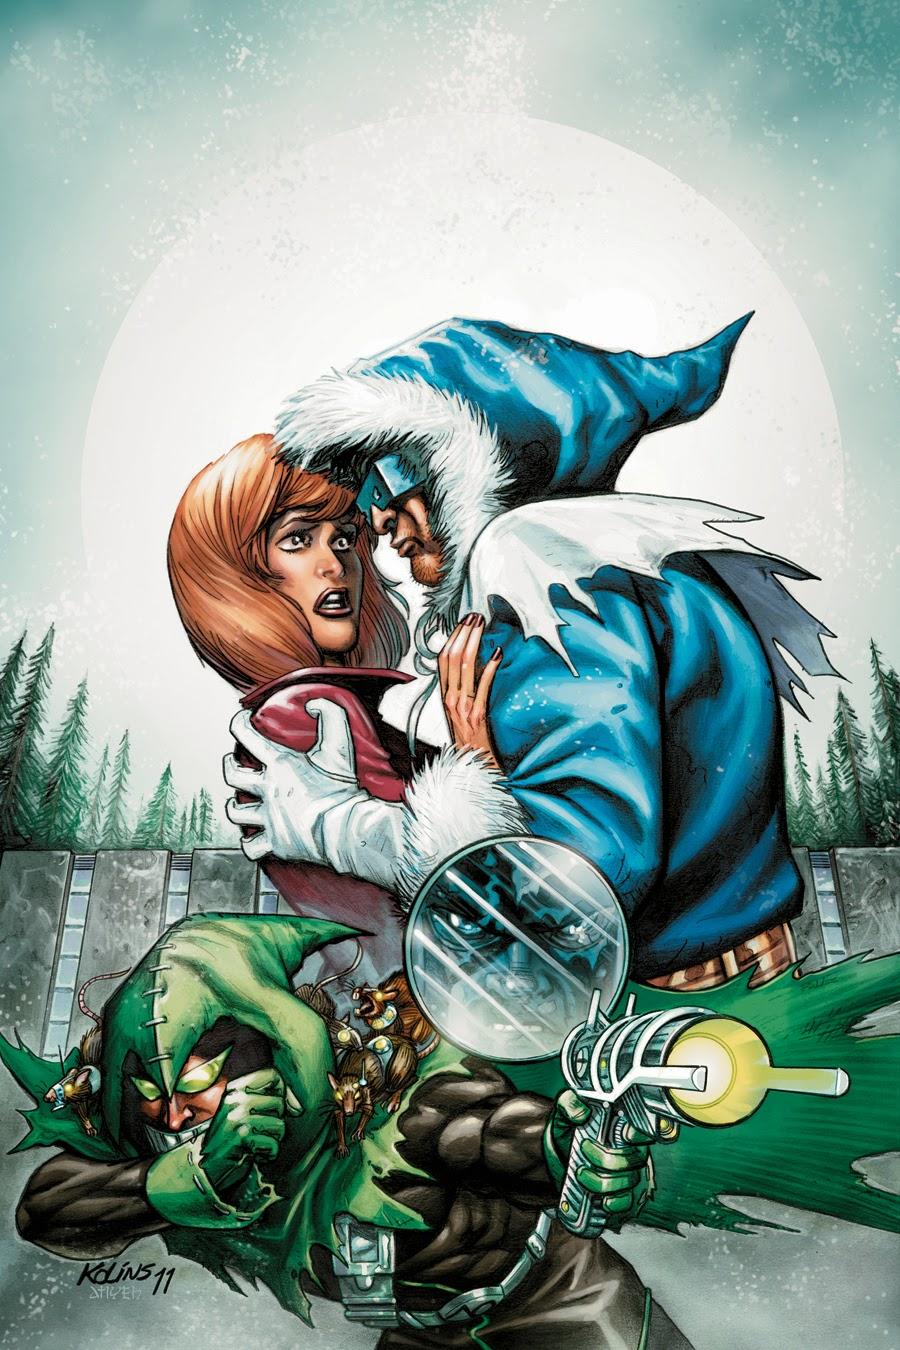 Kumpulan Gambar Captain Cold Gambar Lucu Terbaru Cartoon Animation 900x1350